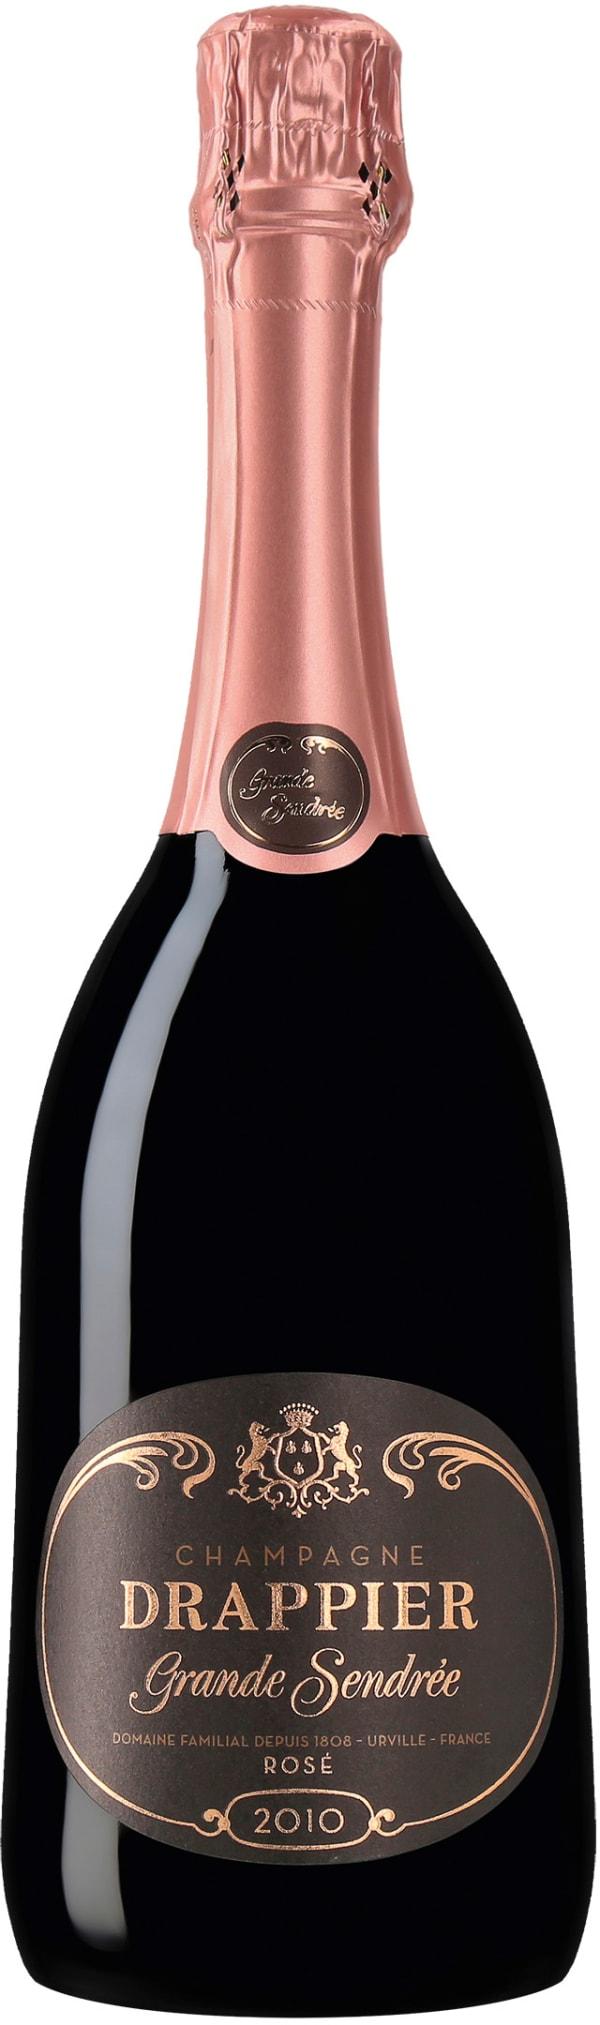 Drappier Grande Sendrée Rosé Champagne Brut 2010